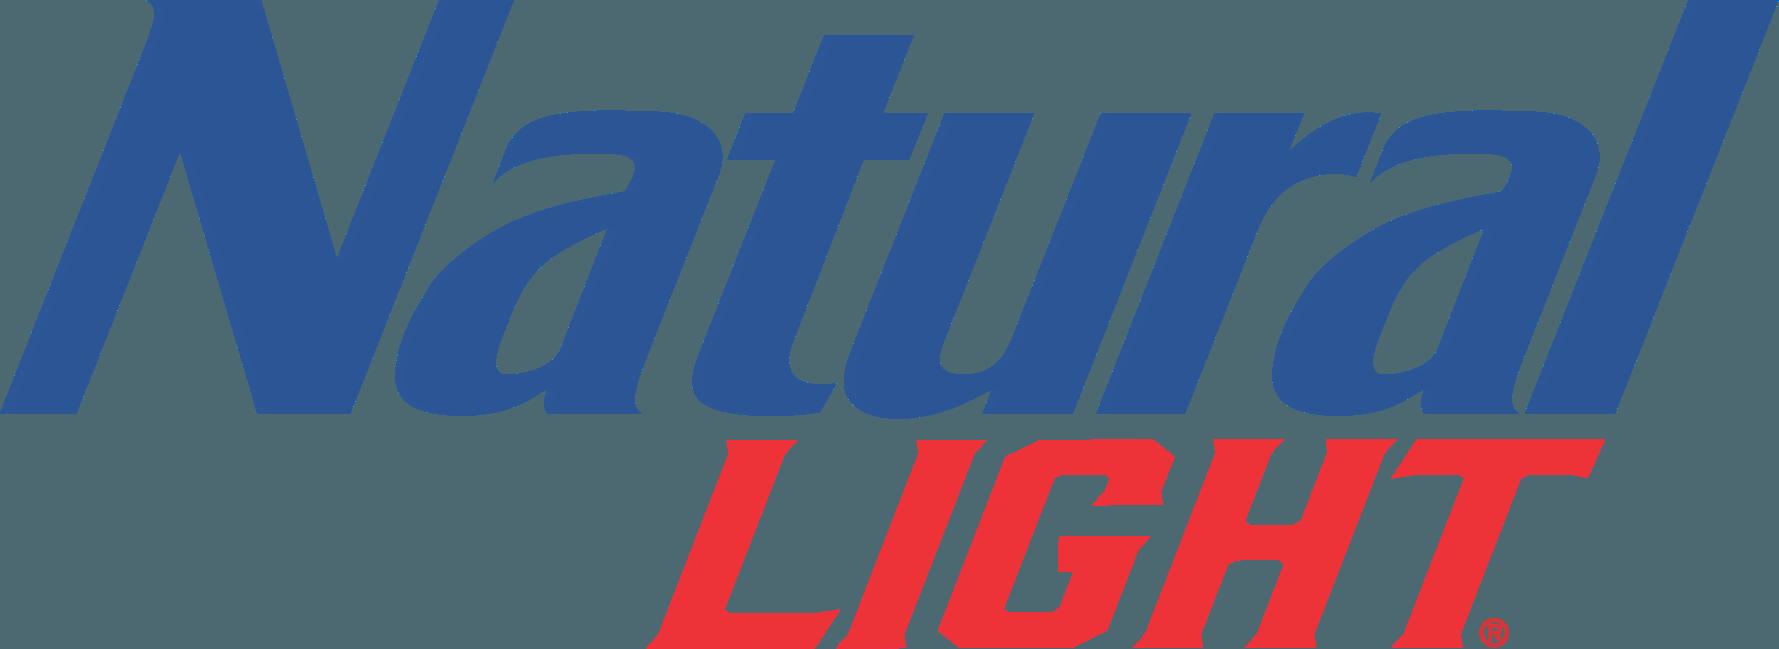 natural light � penn beer